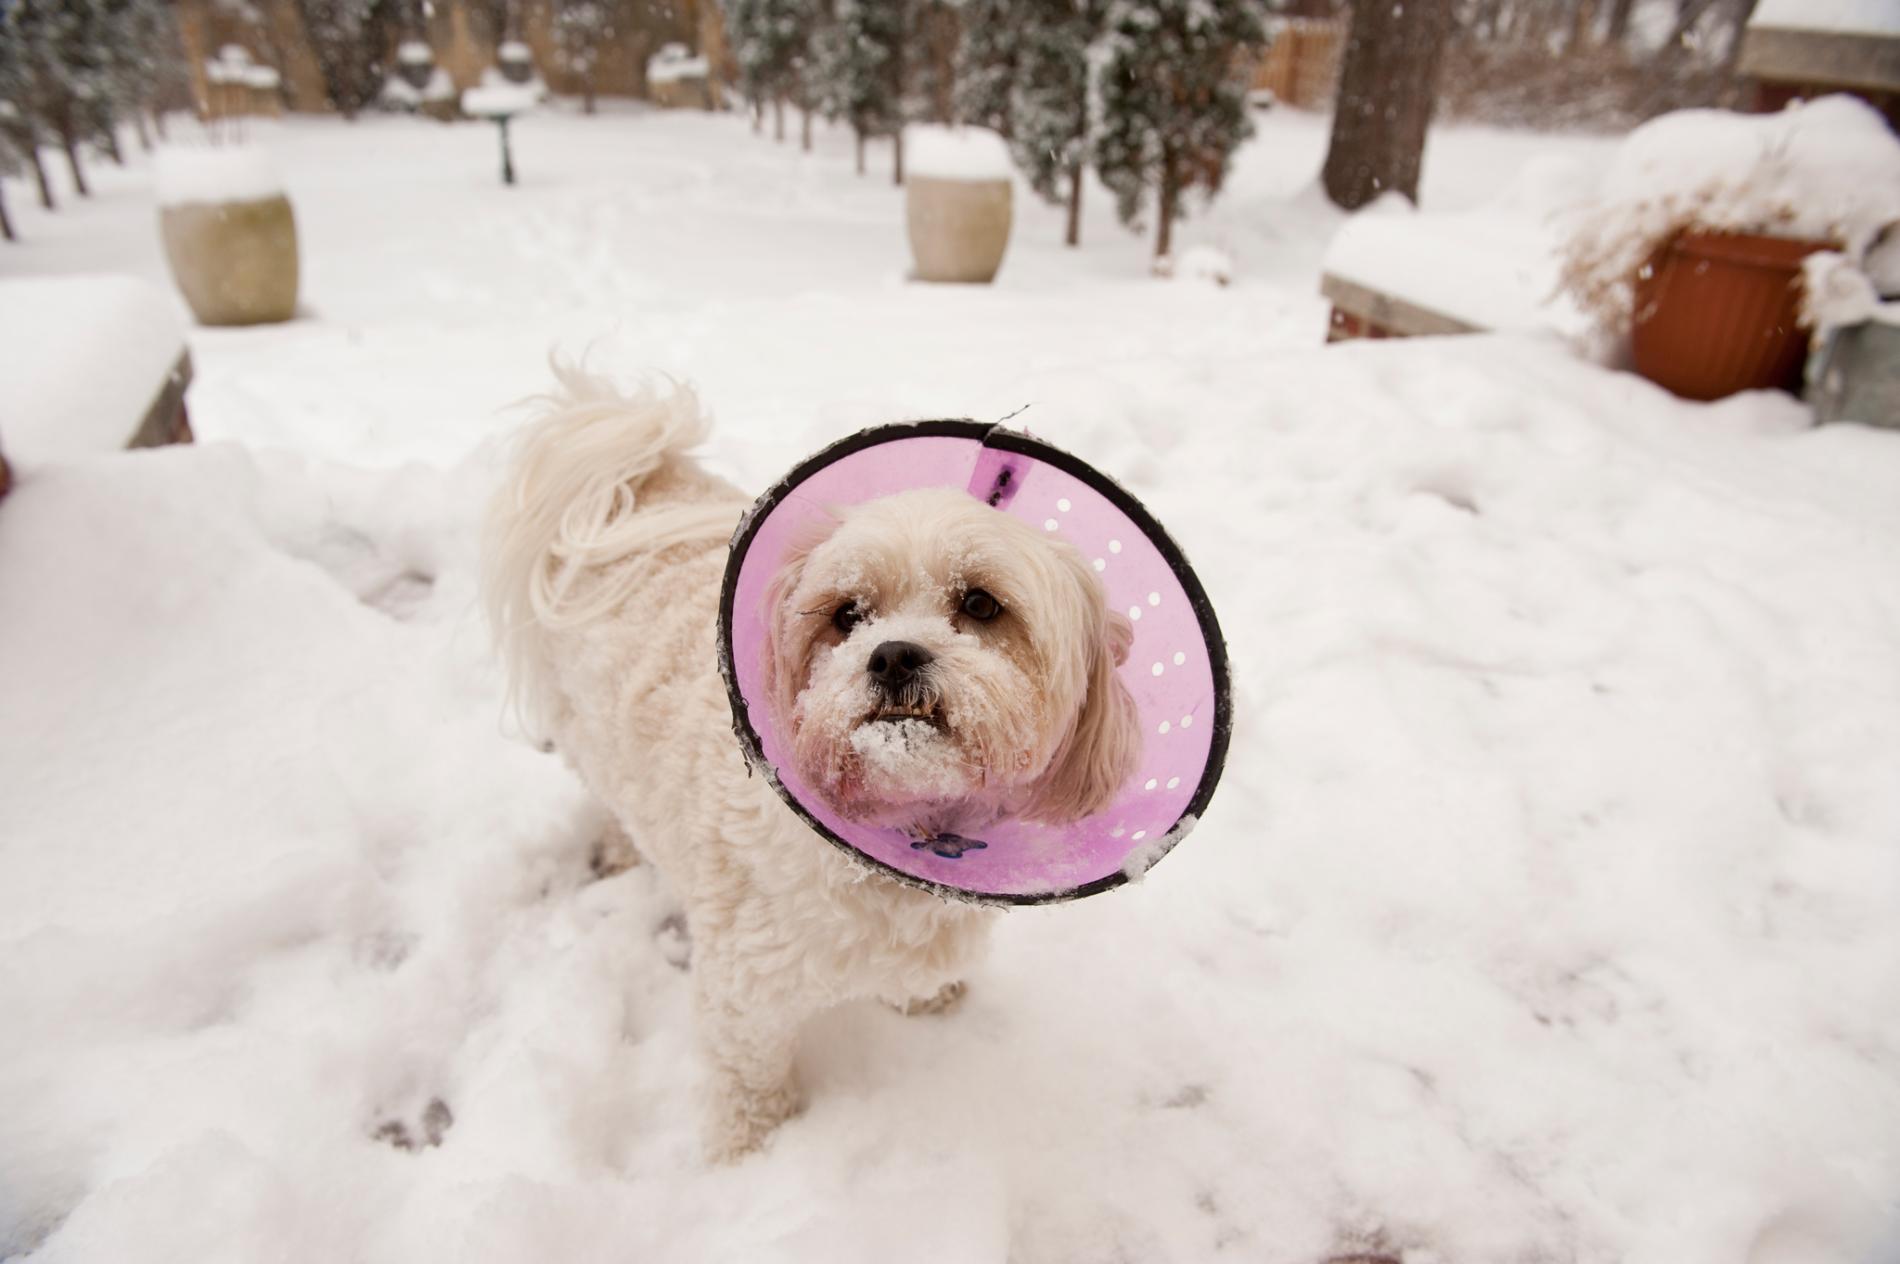 一項美國所做的全國性調查指出,年輕、小型的犬隻較容易碰到類鴉片造成的中毒意外。HOTOGRAPH BY JOEL SARTORE, NAT GEO IMAGE COLLECTION